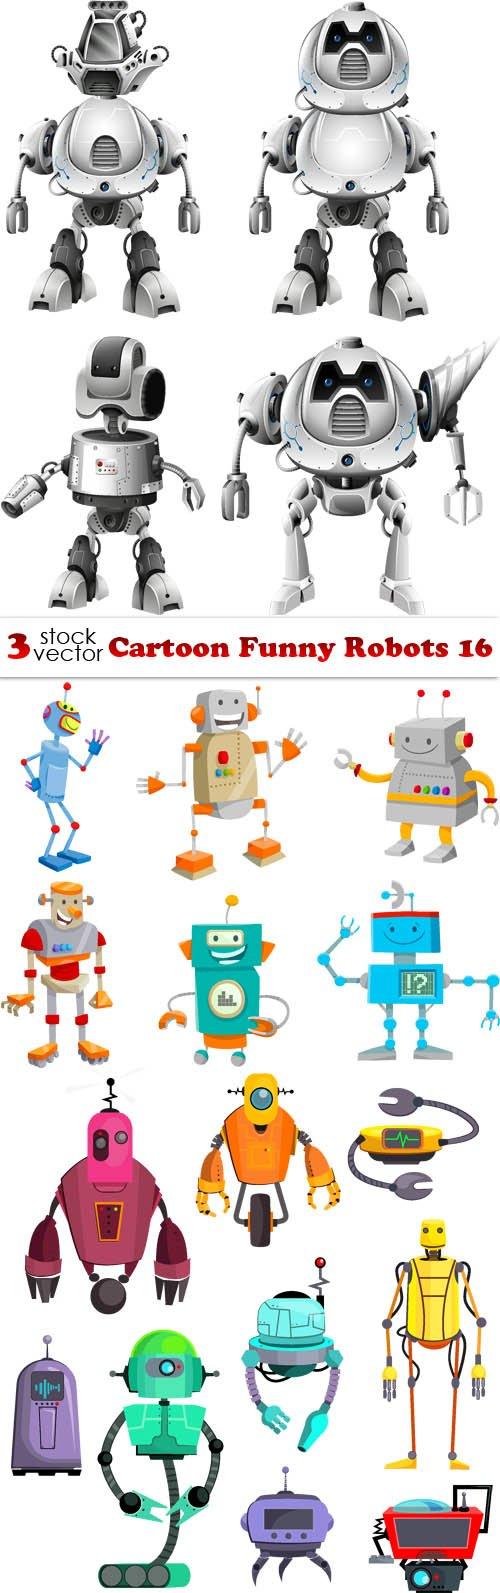 Vectors - Cartoon Funny Robots 16